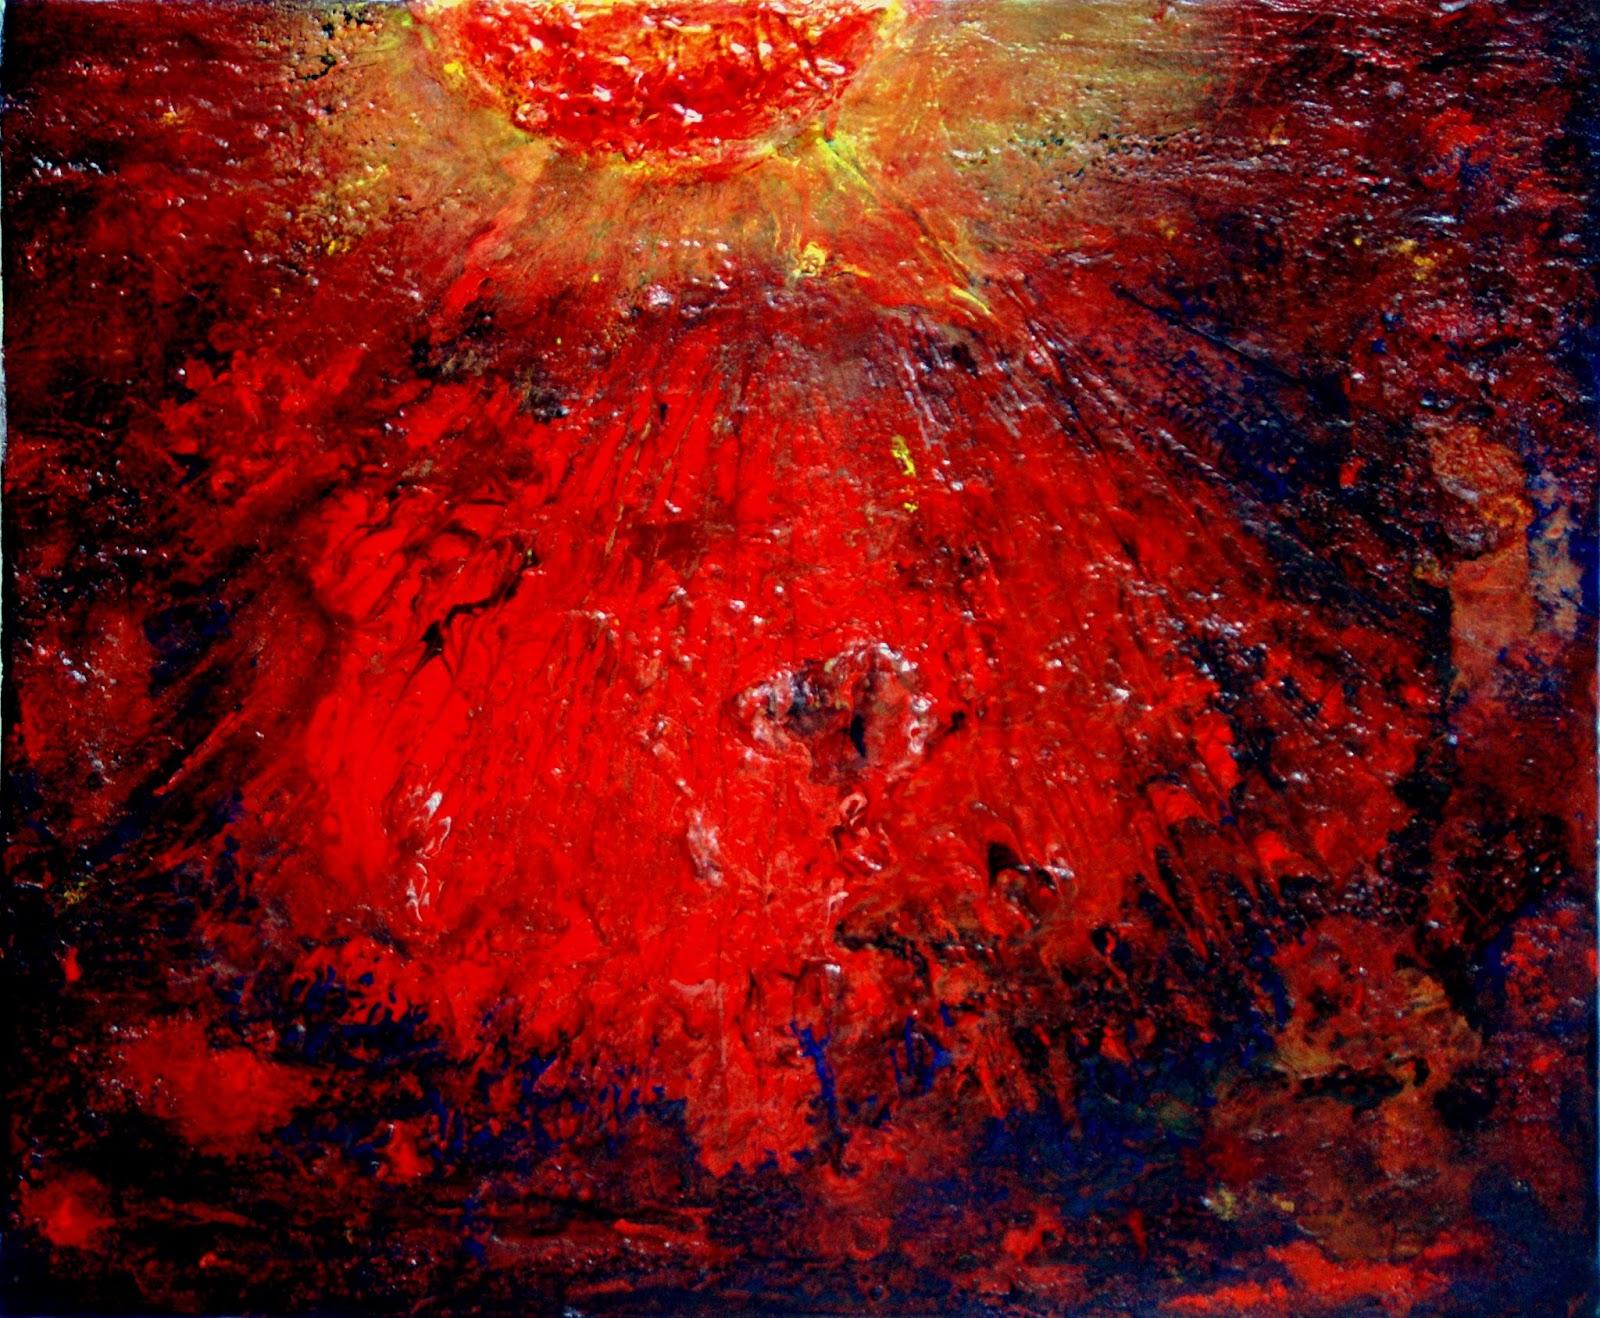 Jacques darras peintre expressionniste et art brut for Artiste peintre arras